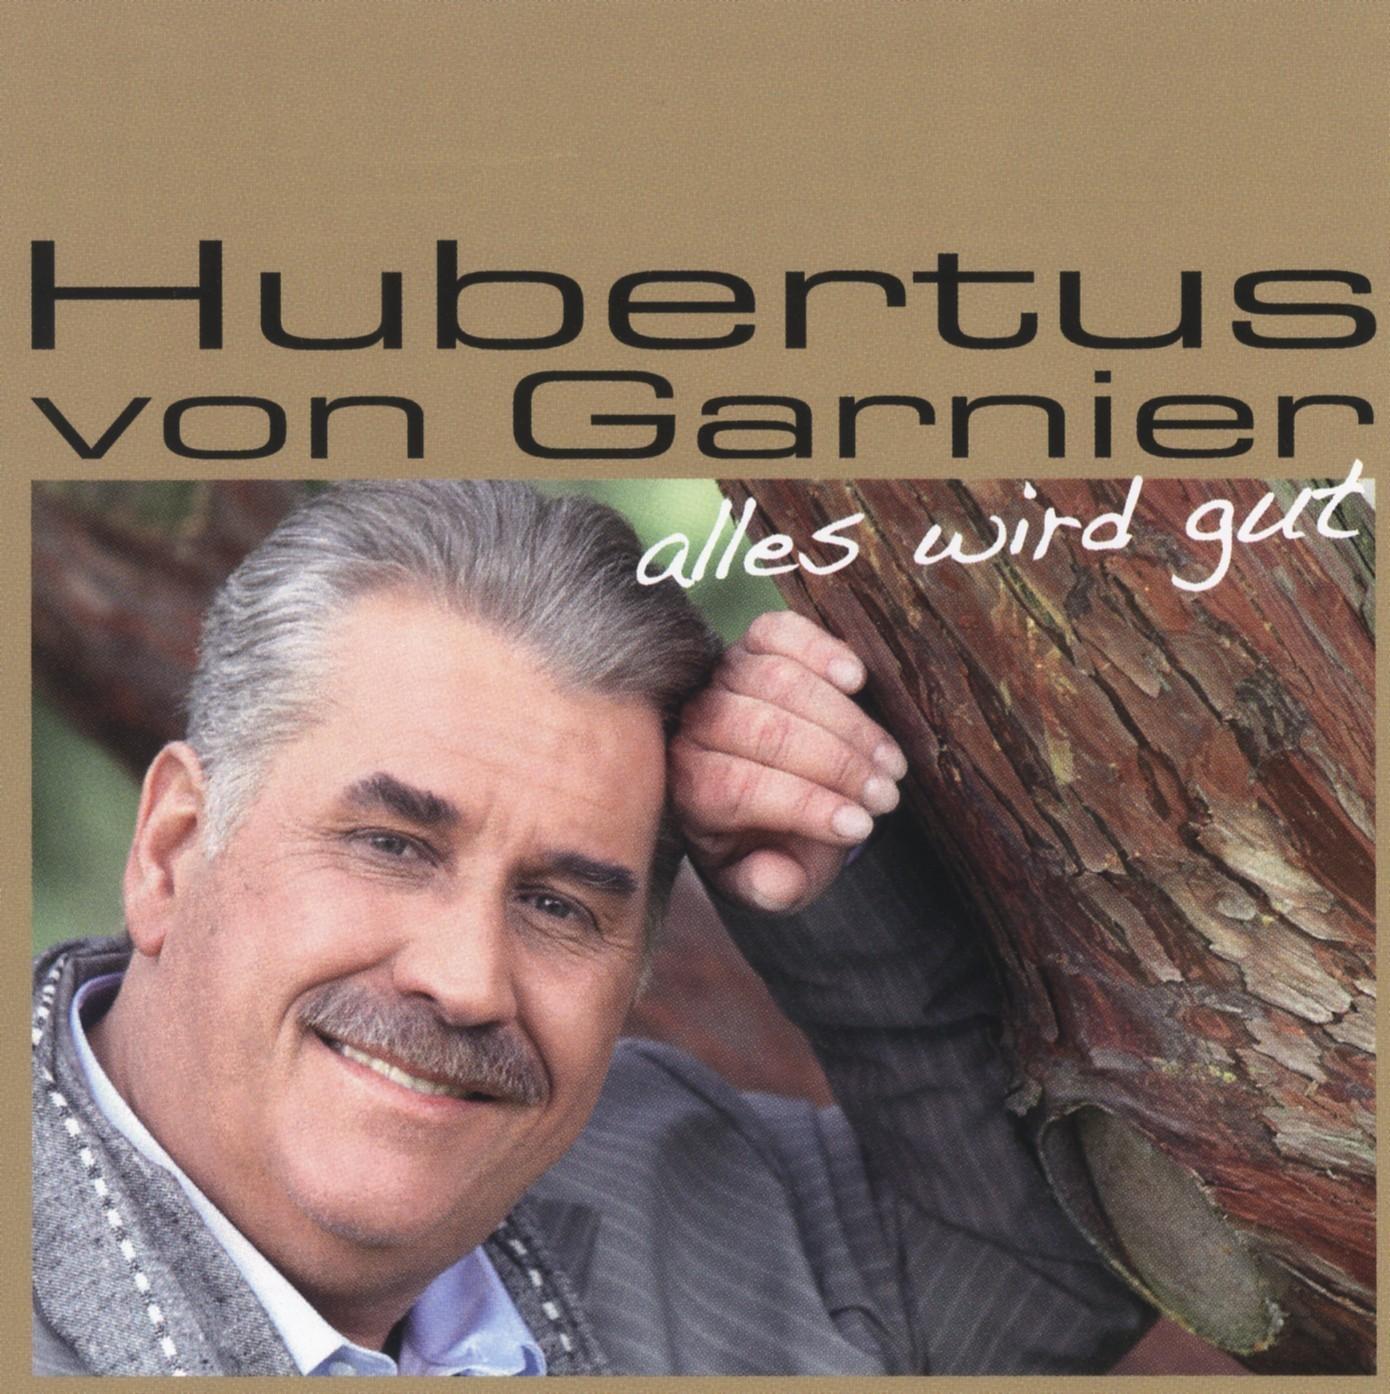 Cover: Alles wird gut, Hubertus von Garnier